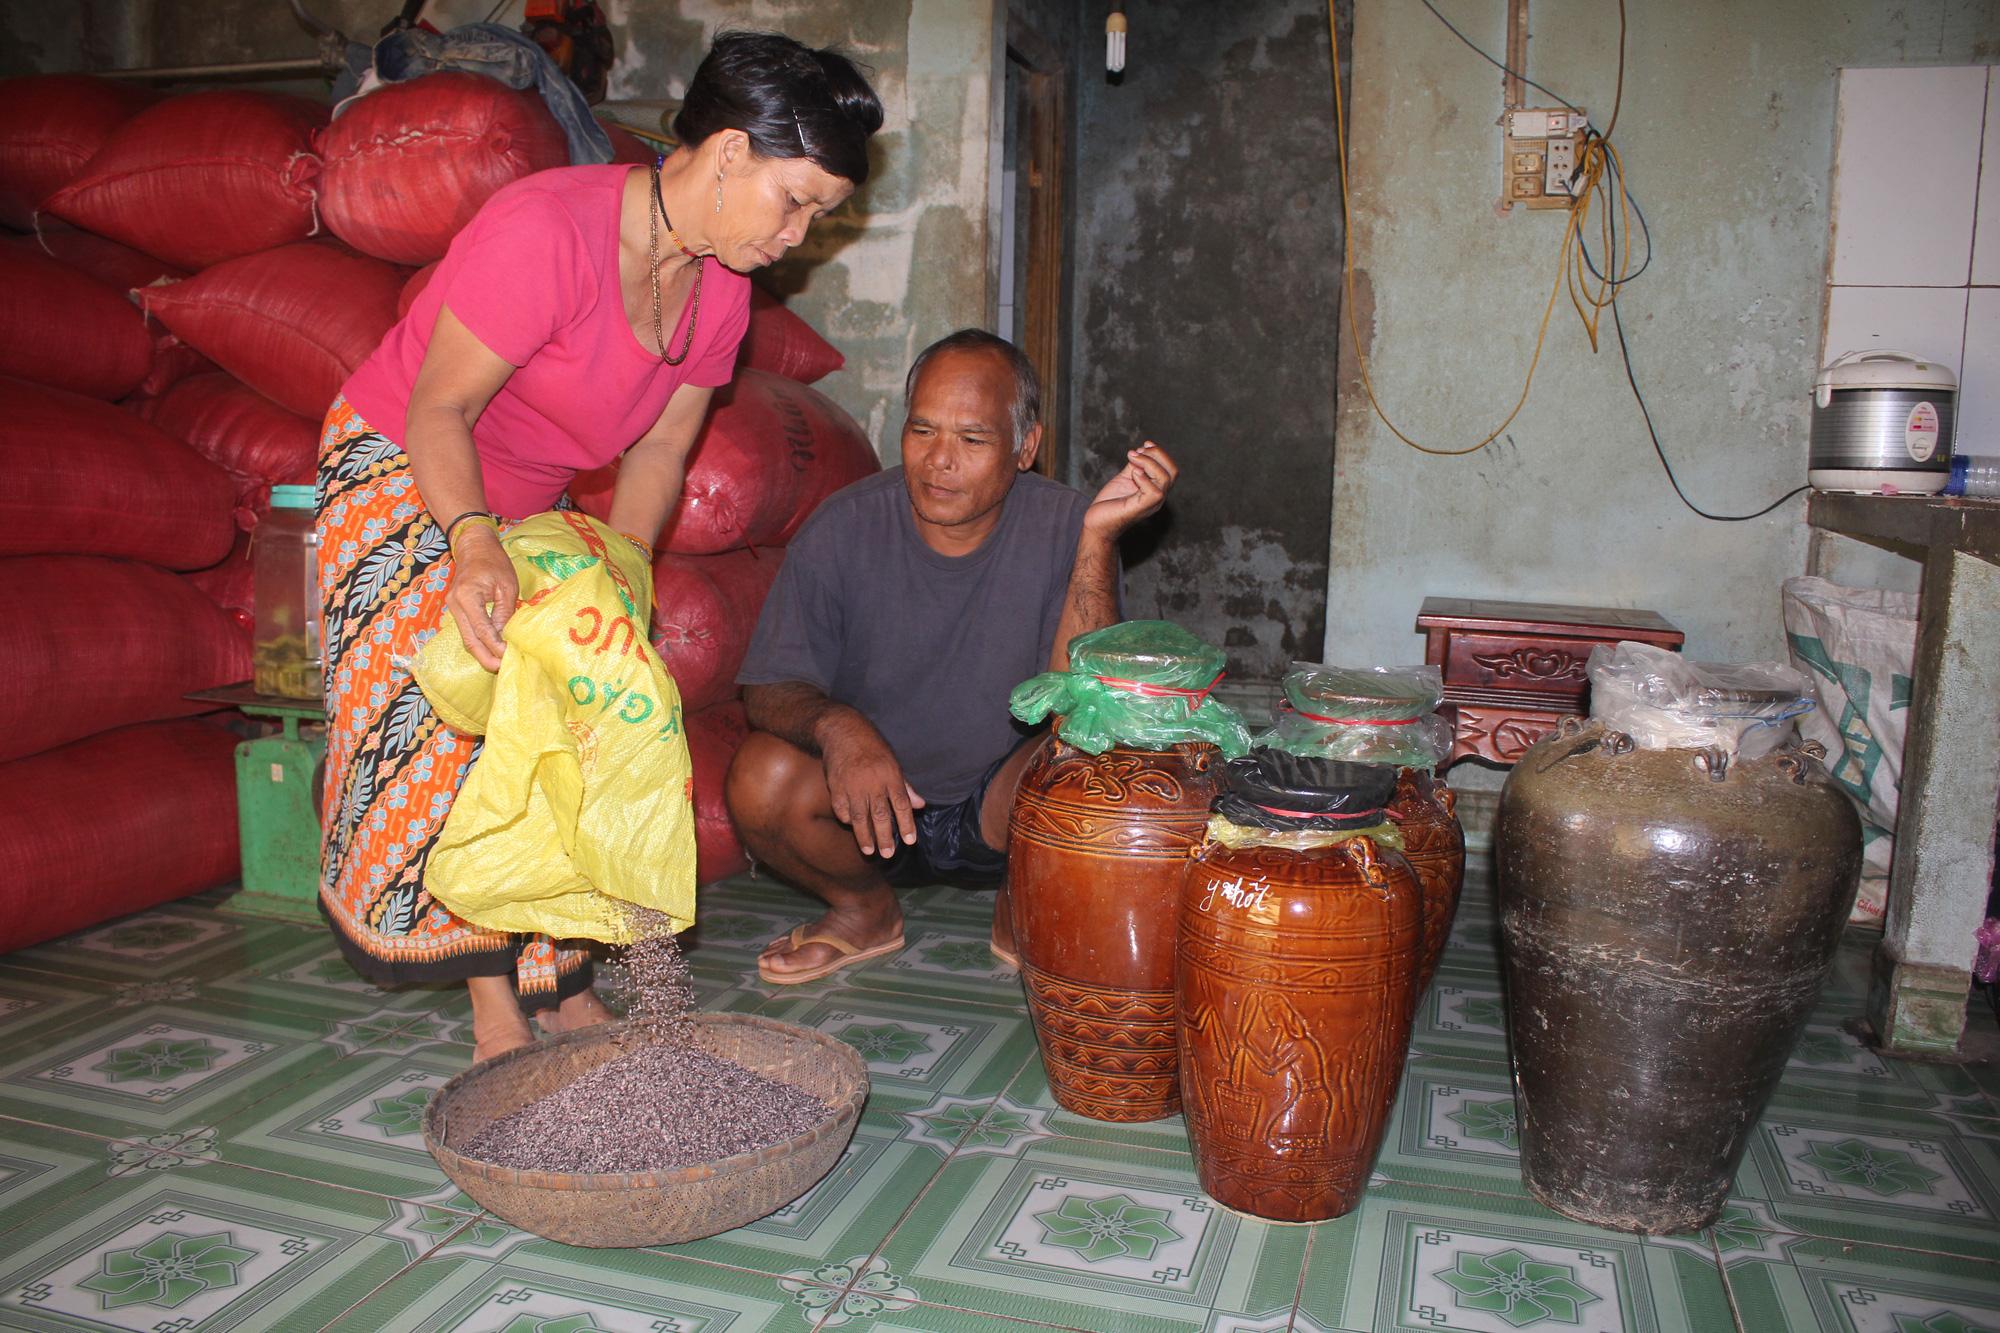 Kon Tum: Chiêm ngưỡng ngôi làng, nơi một tiếng gà gáy cả 3 nước đều nghe - Ảnh 8.